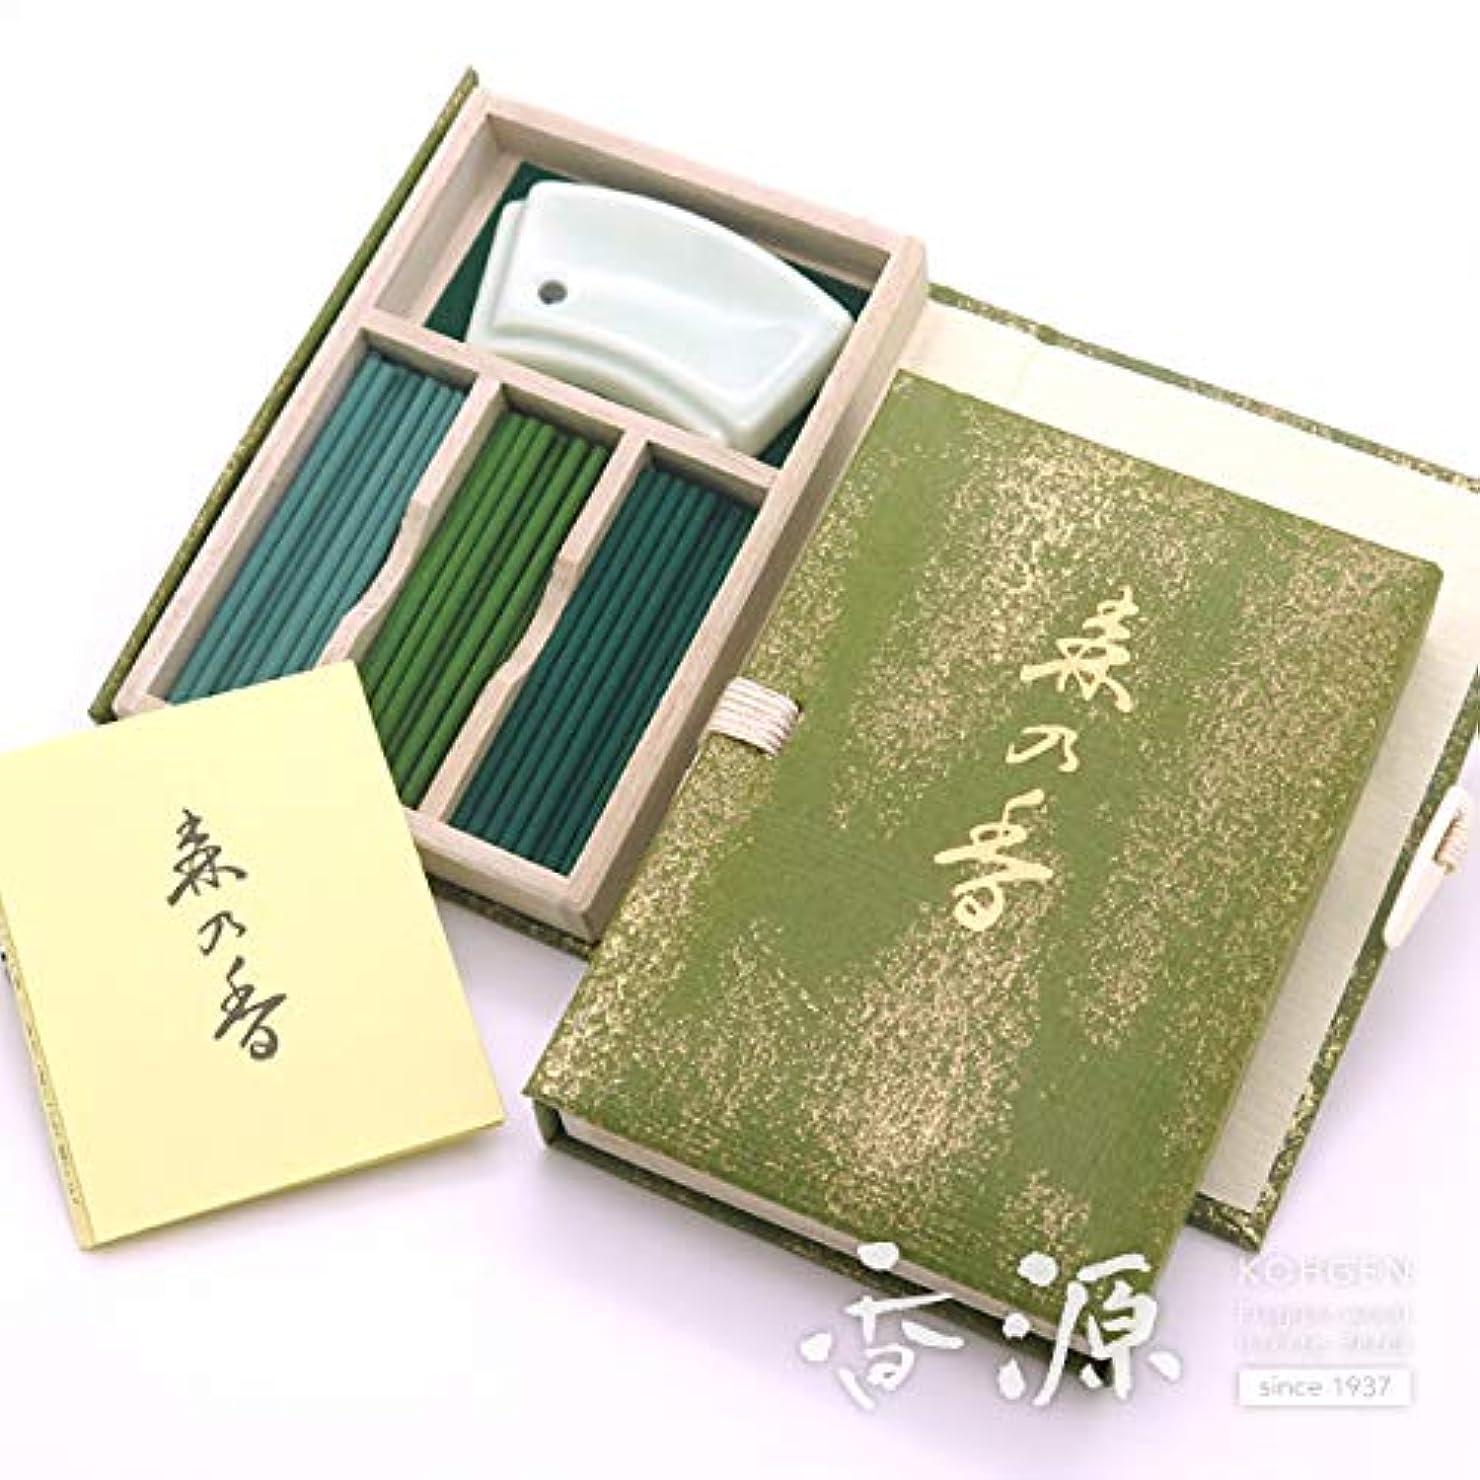 戻すおそらく大陸日本香堂のお香 森の香 スティックミニ寸文庫型 60本入り